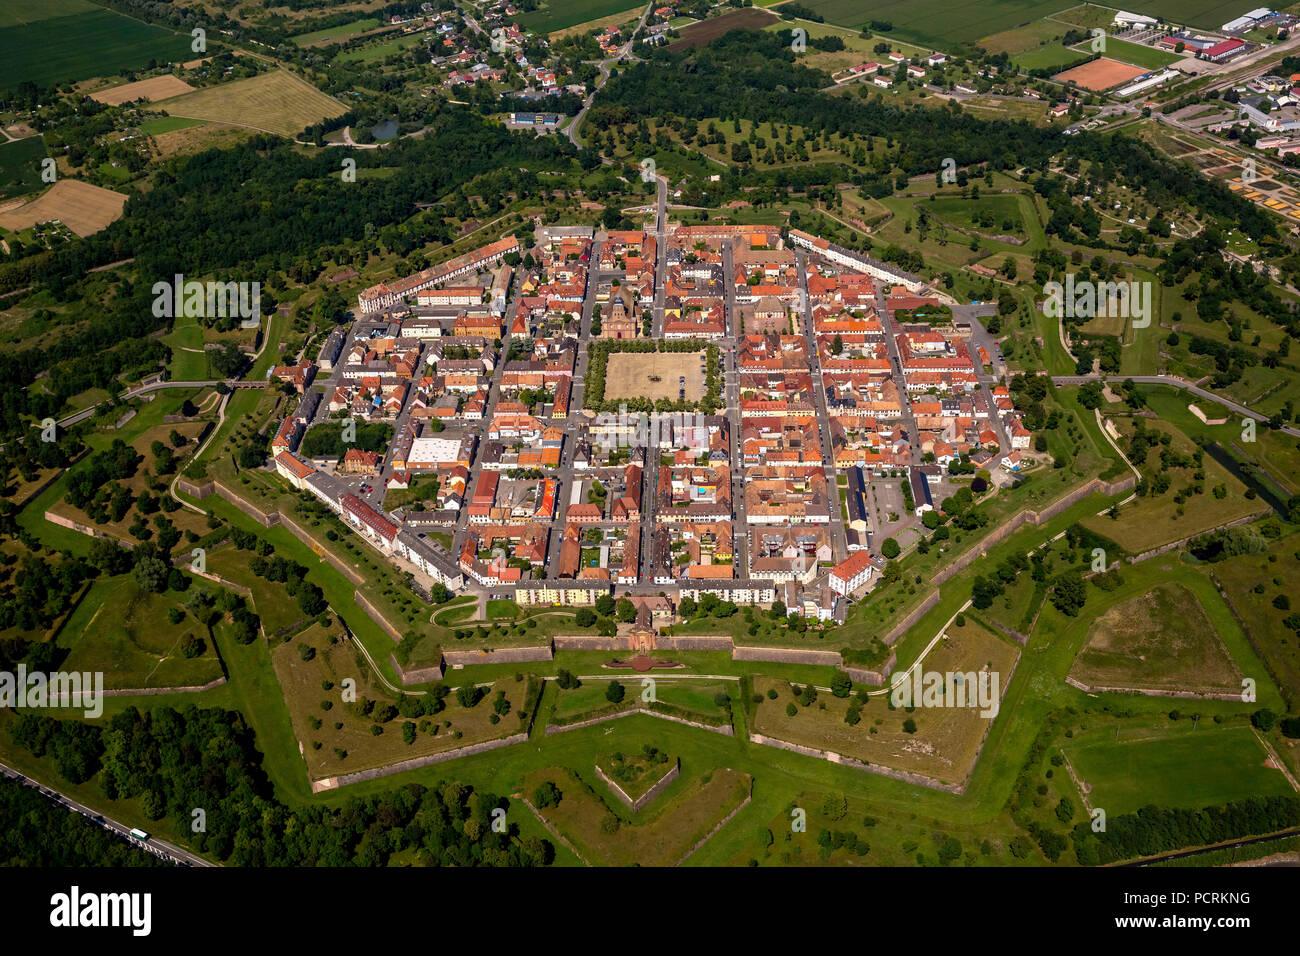 La fortezza medievale, la città fortificata di Neuf-Brisach - uno dei capolavori da Vauban, a Volgelsheim, Haut-Rhin reparto, regione Grand-Est, Francia Immagini Stock